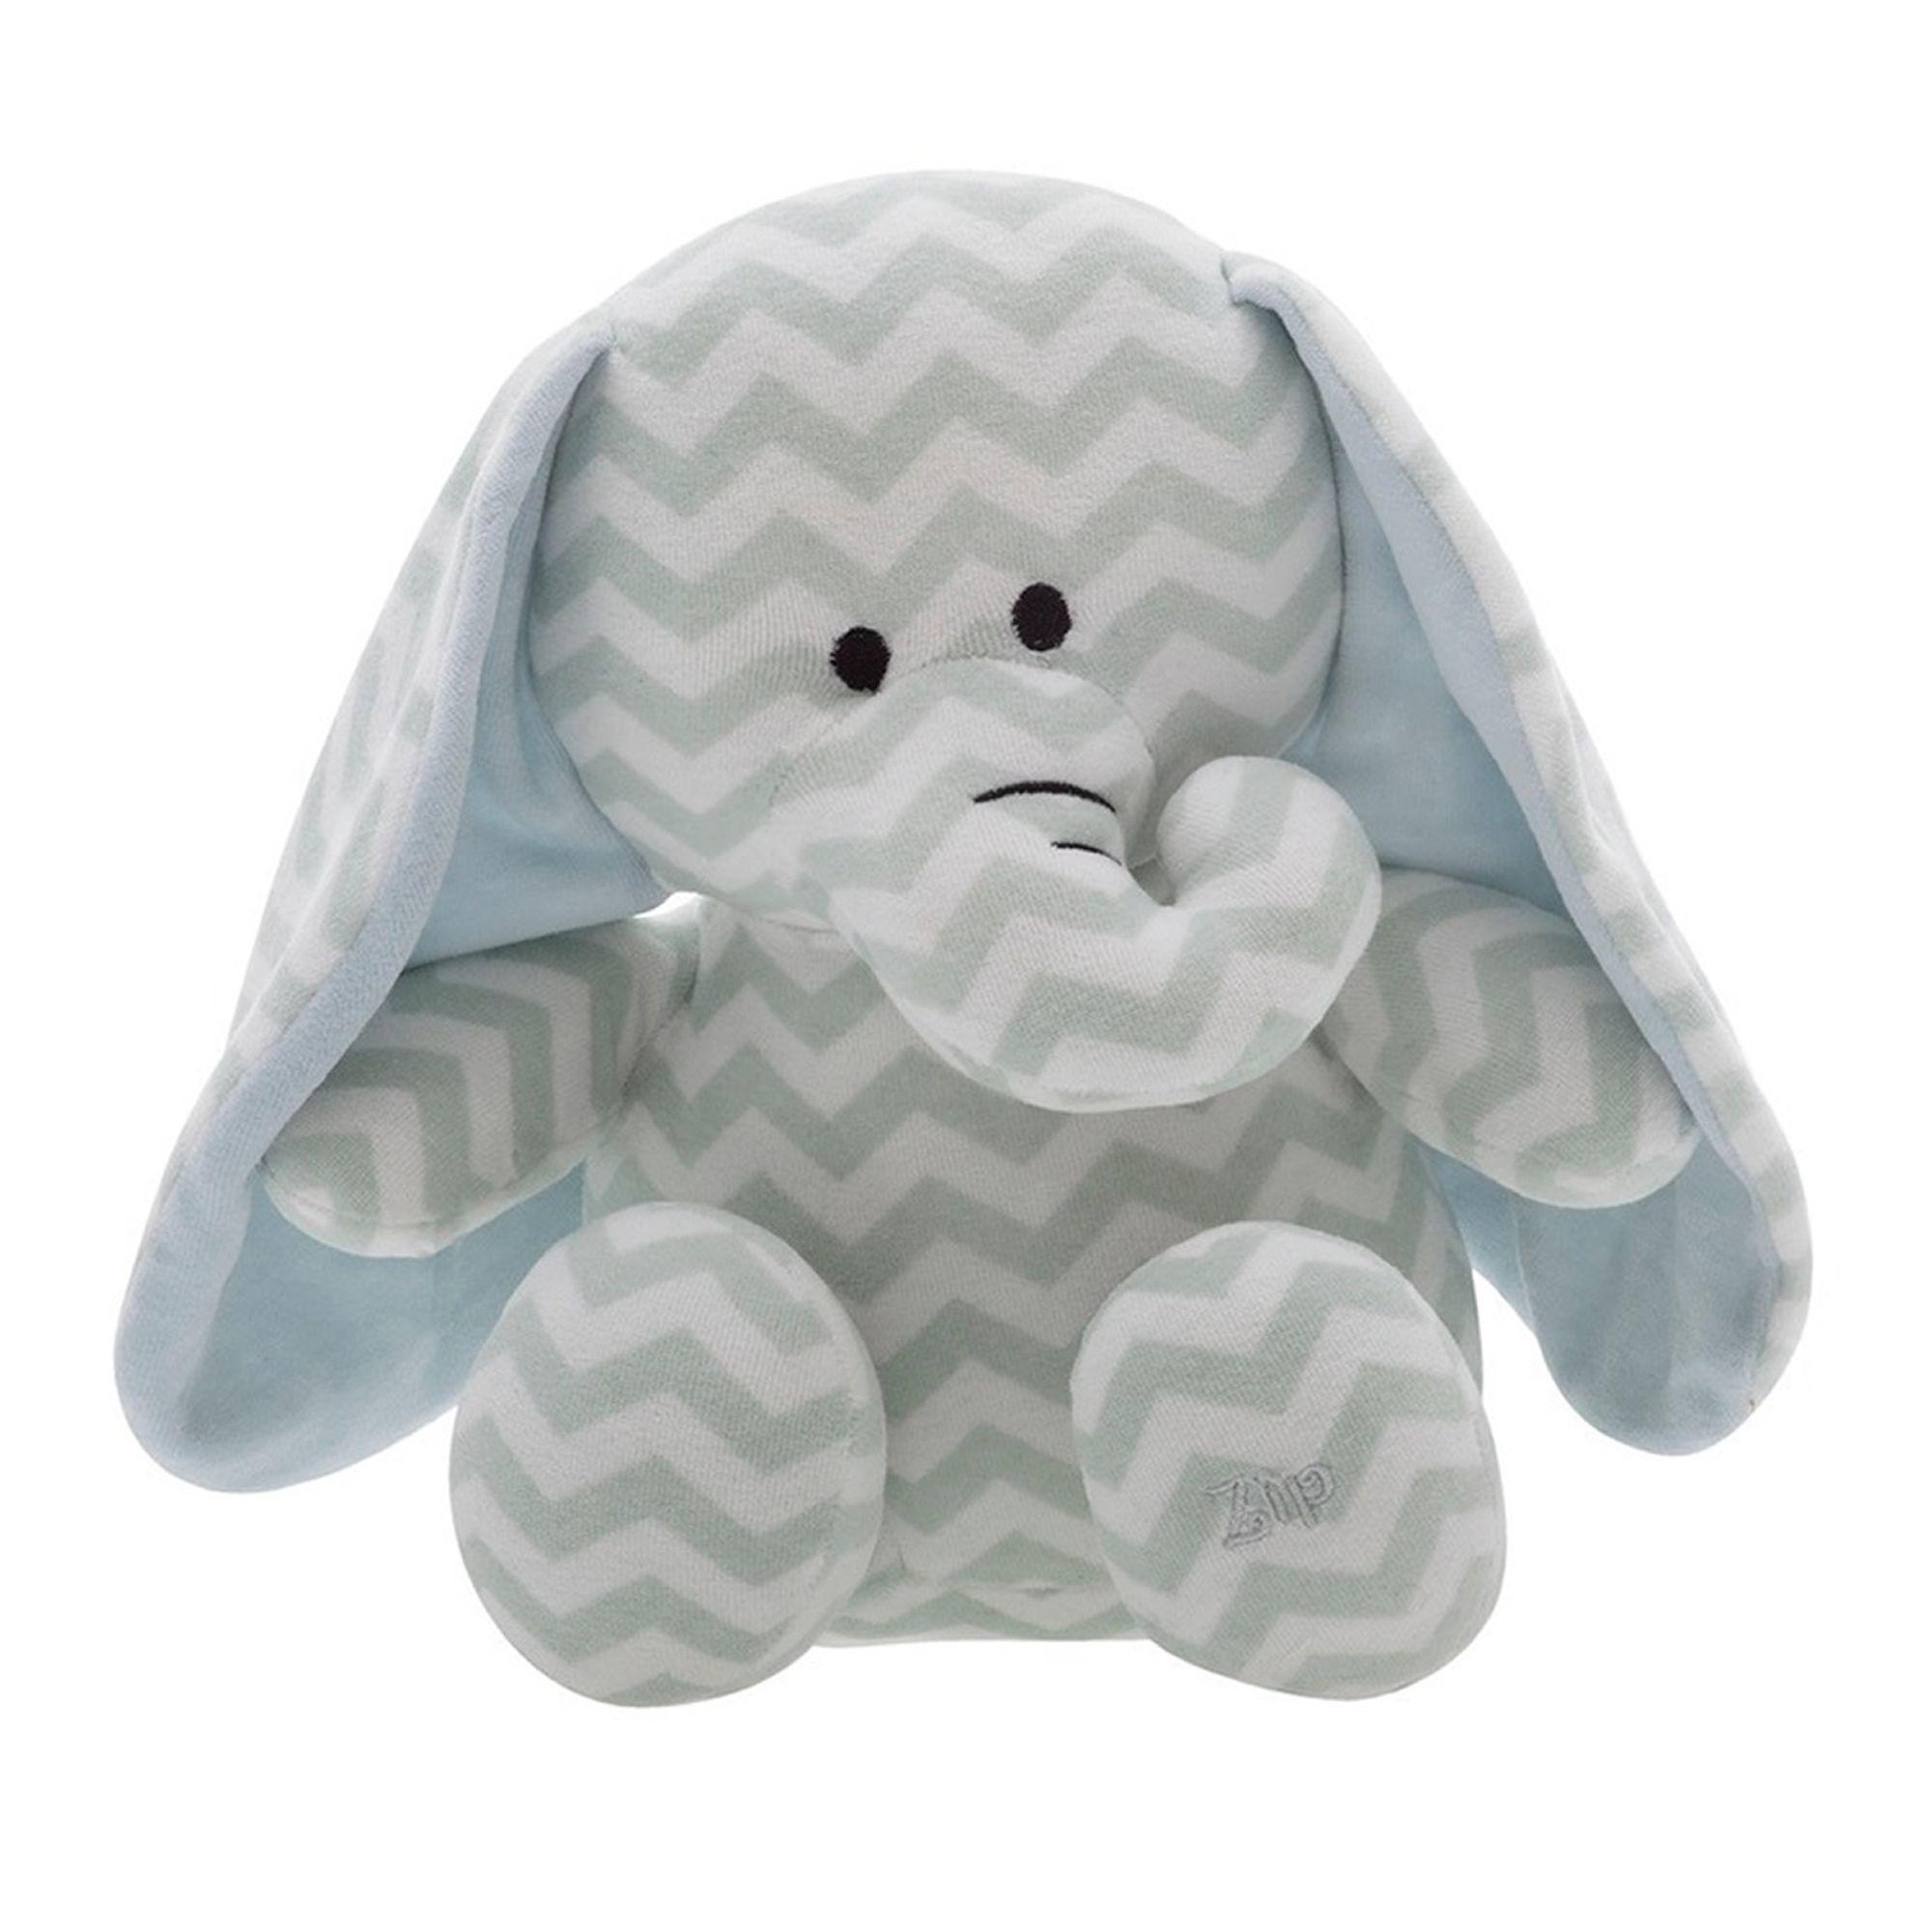 pelucia-elefante-lelo-azul-claro-zigue-zague-1